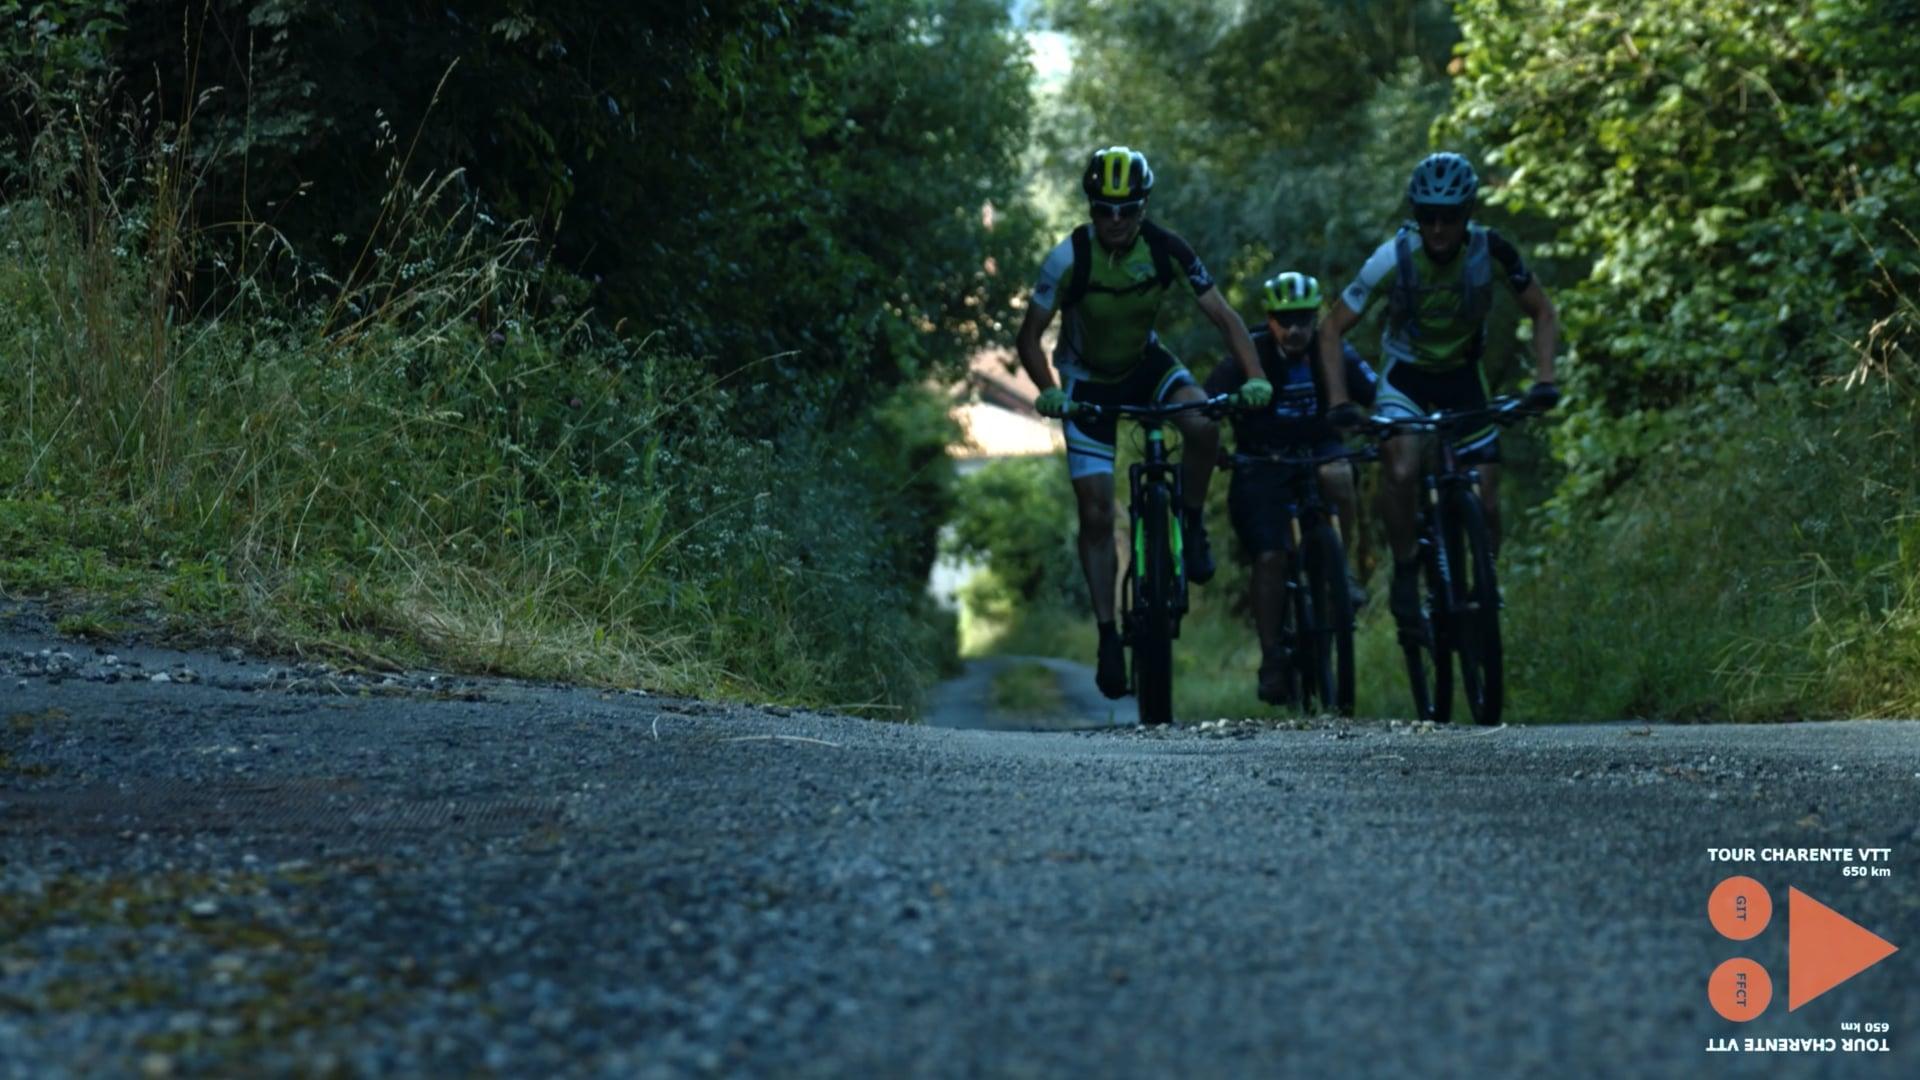 Tour Charente VTT (Teaser)